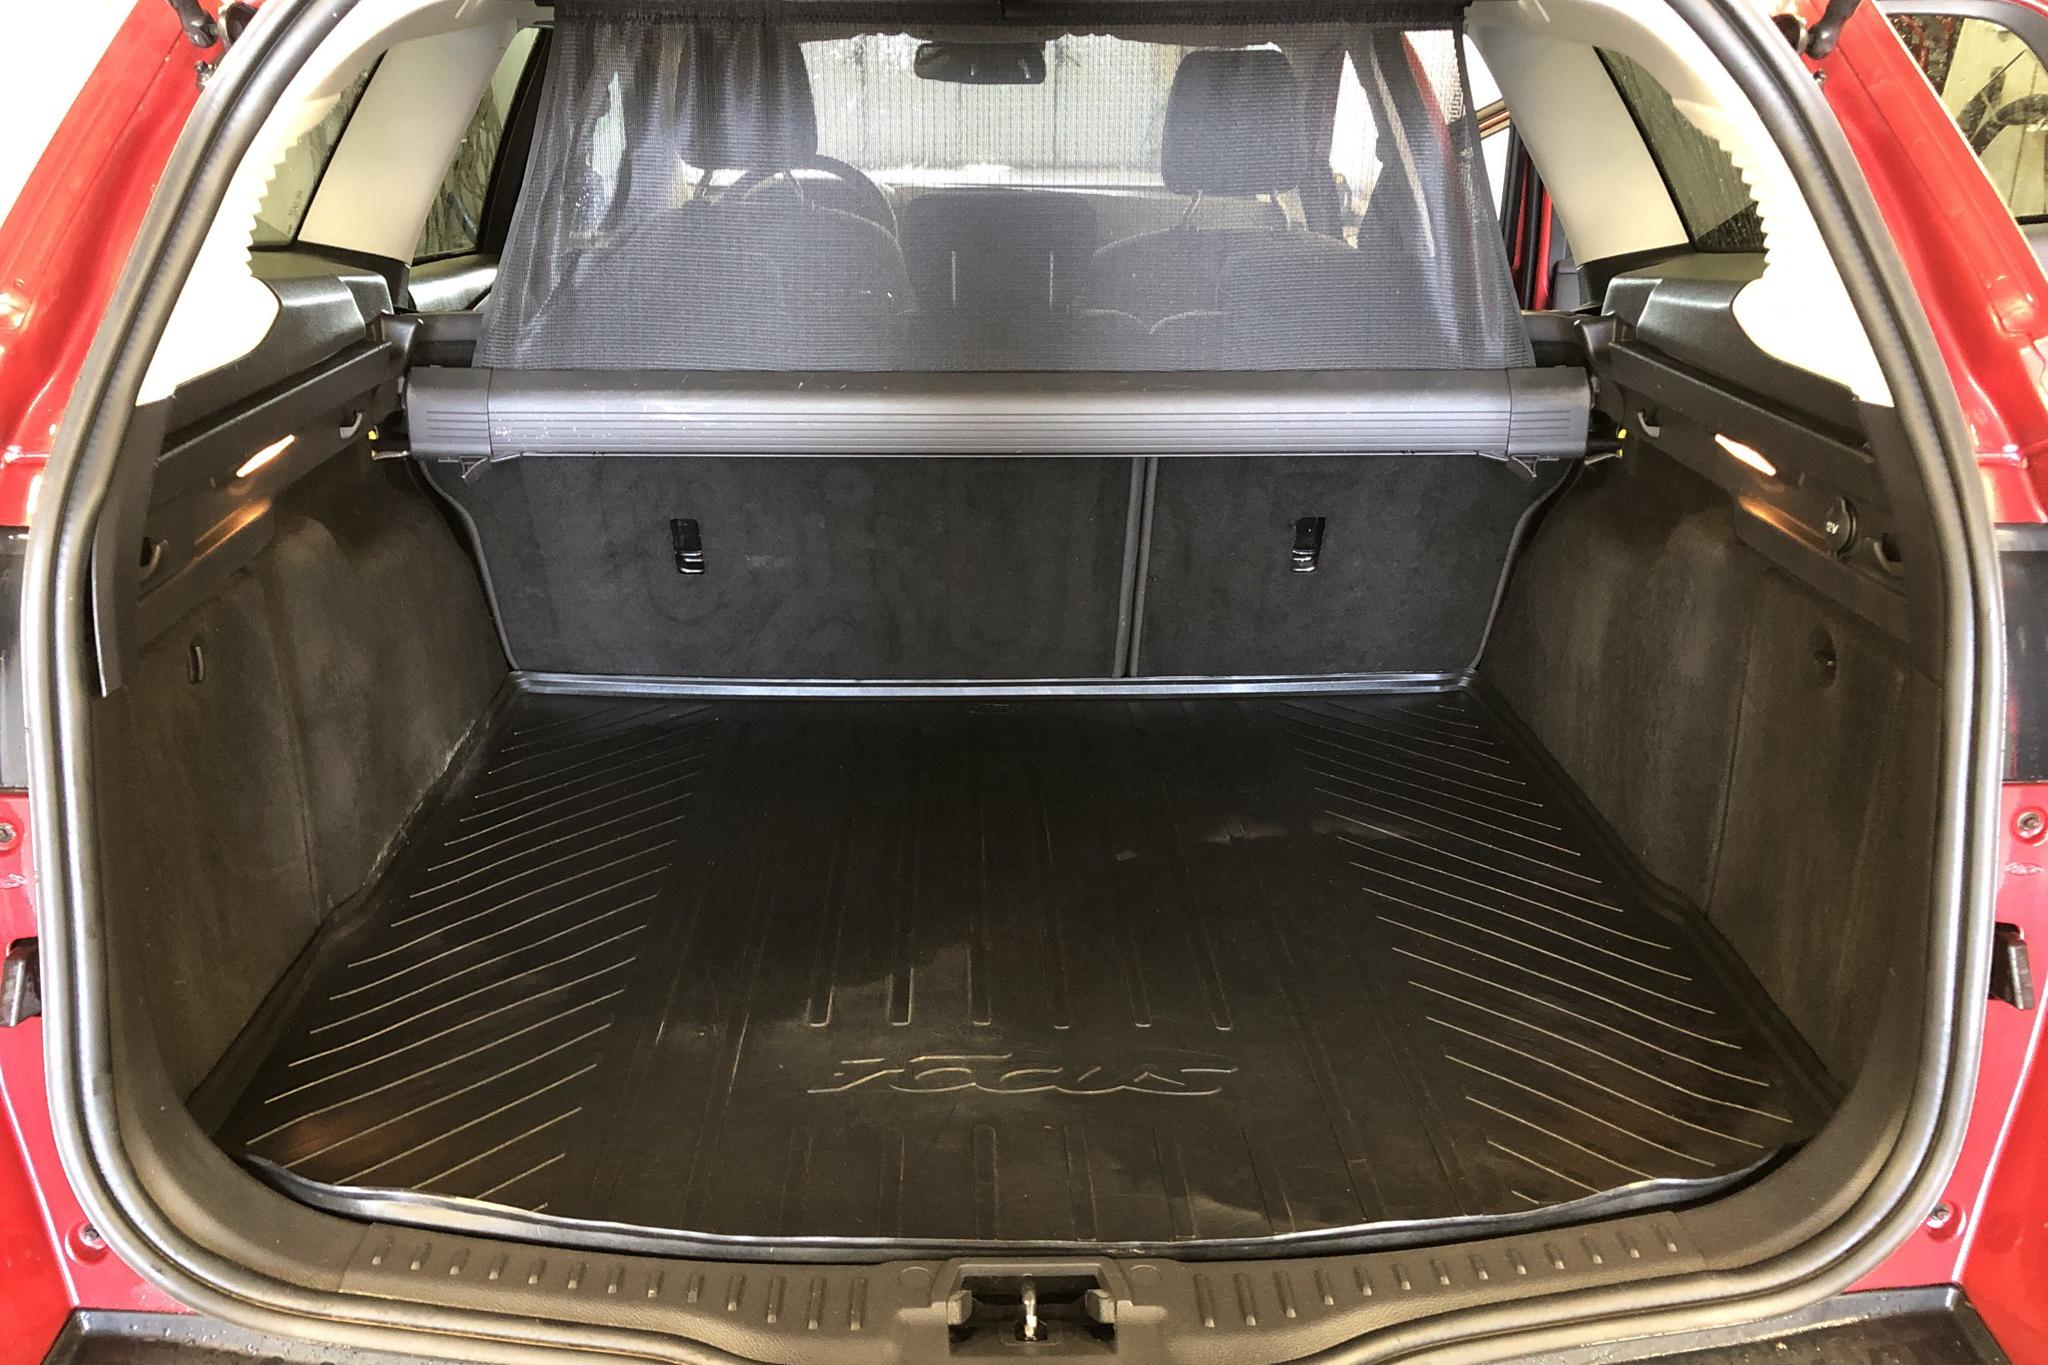 Ford Focus 1.6 TDCi Kombi (115hk) - 178 500 km - Manual - red - 2012